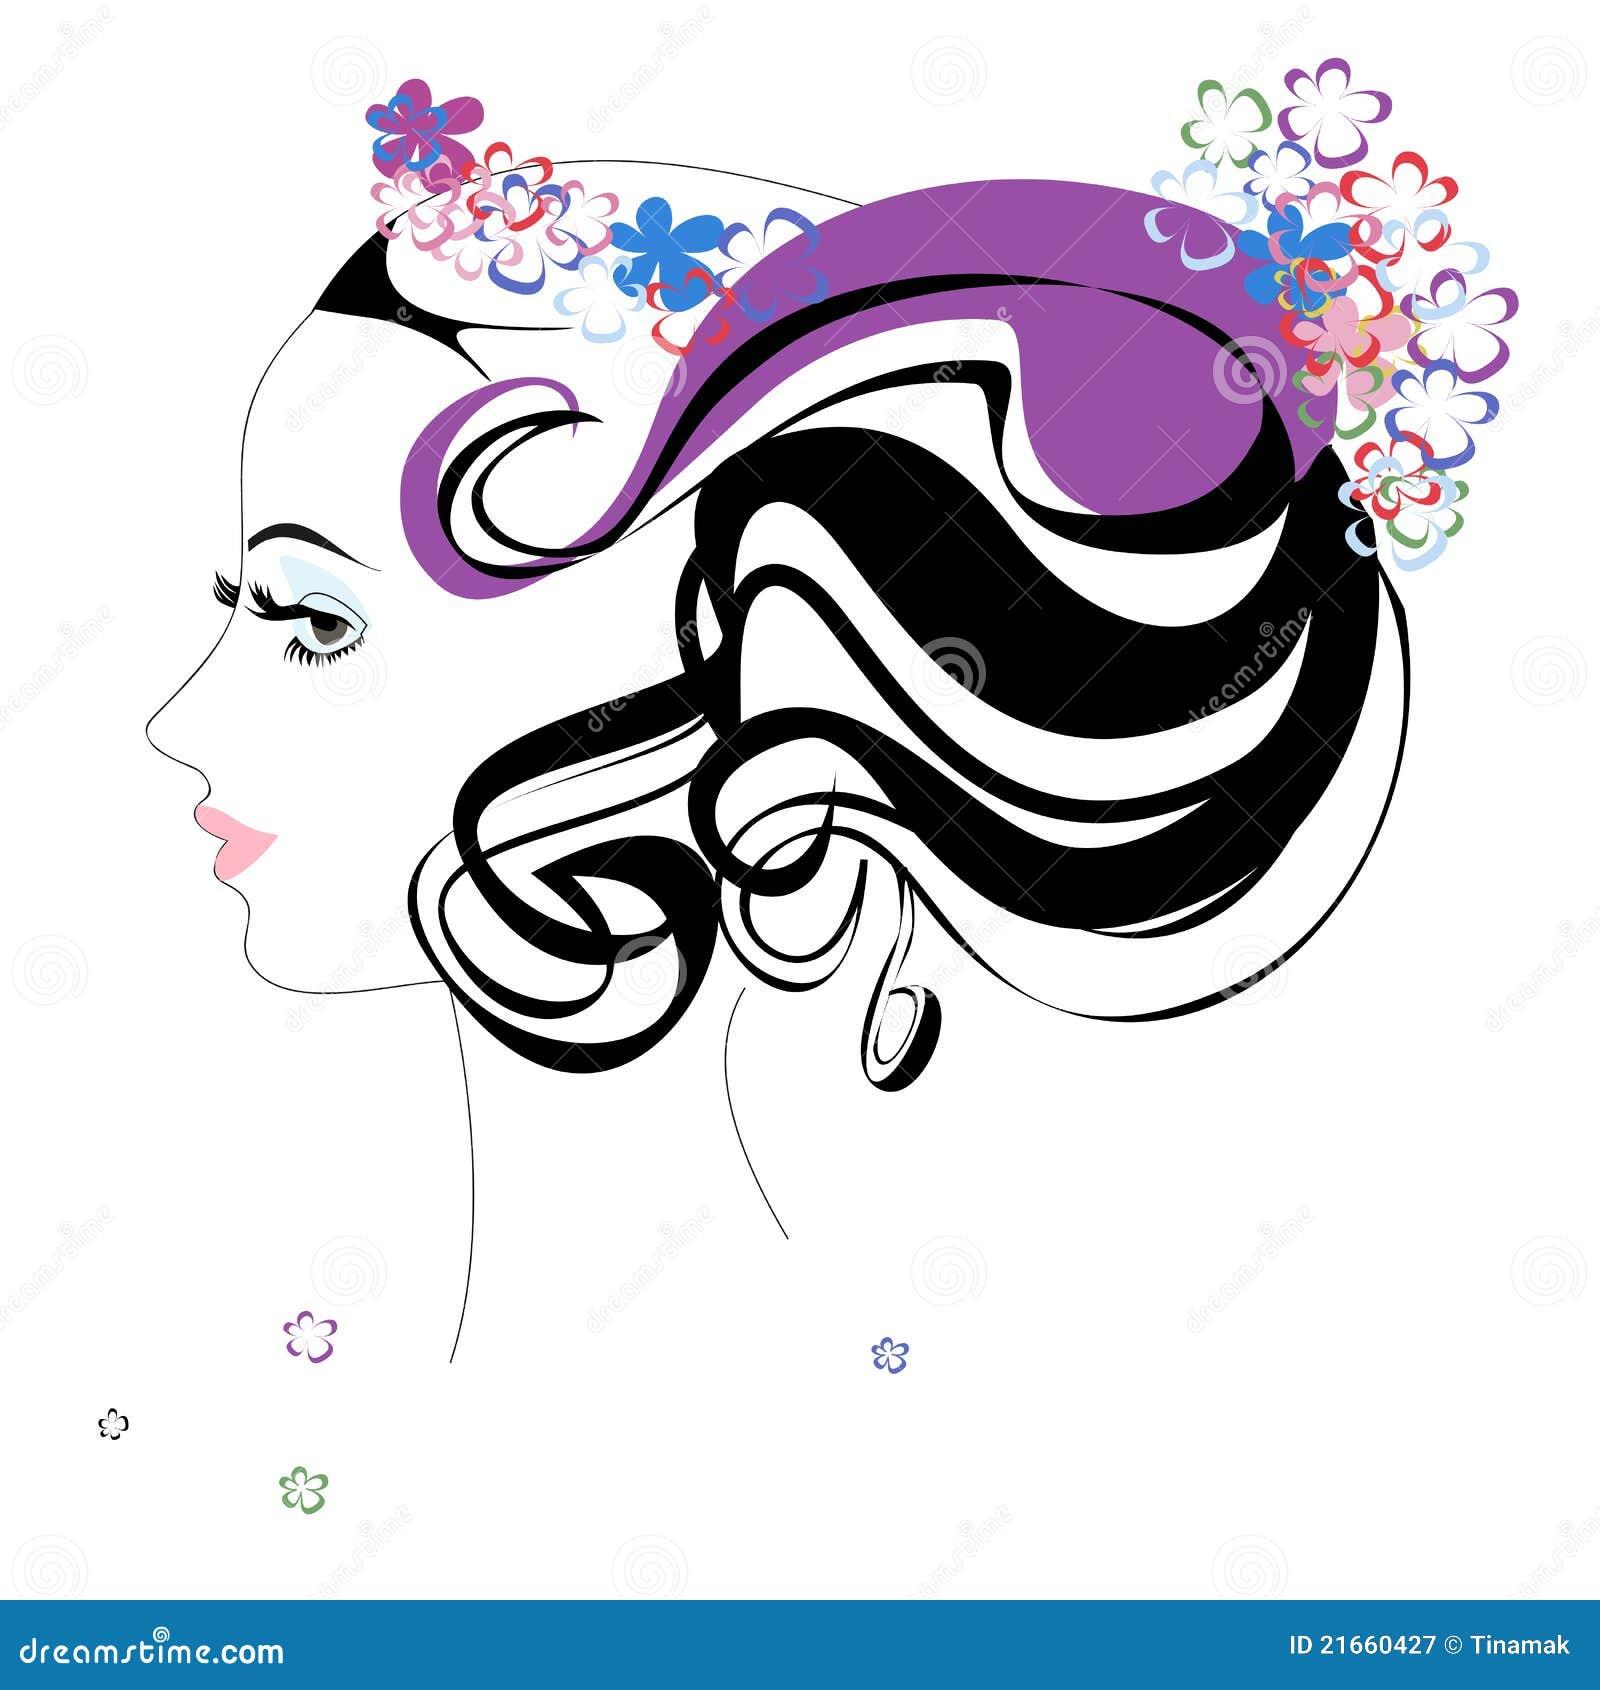 mulher-bonita-estilizado-com-flores-21660427.jpg